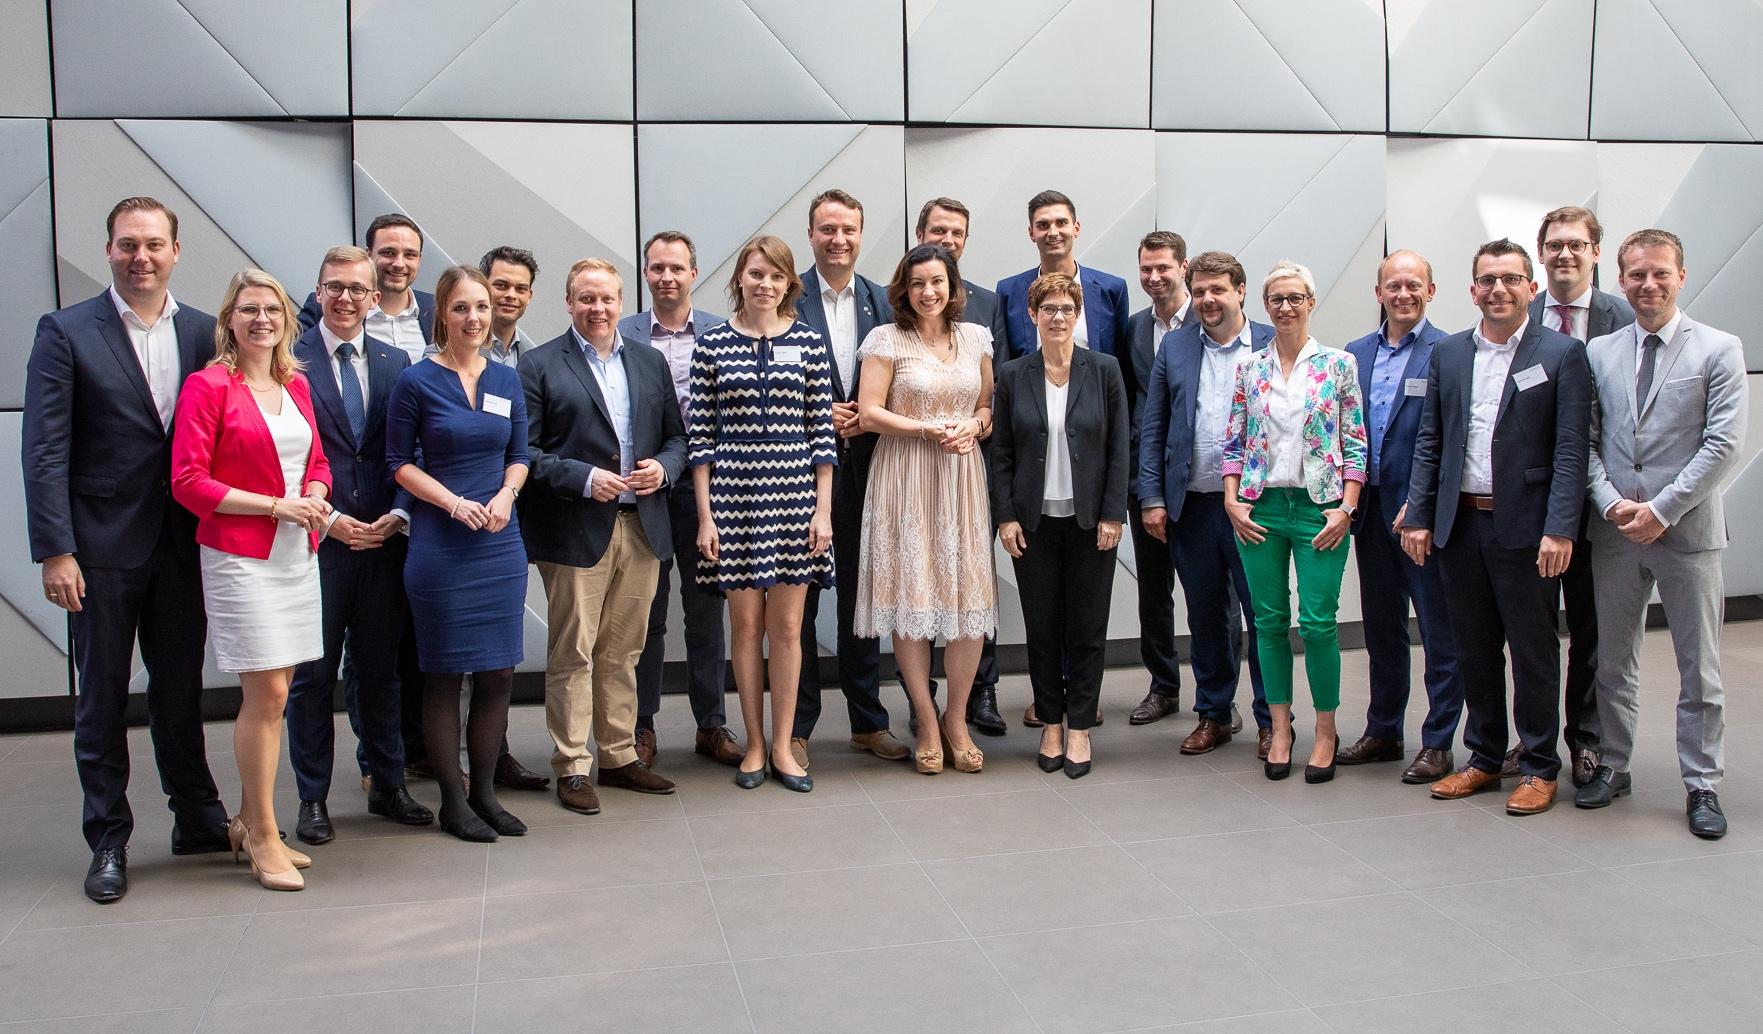 CDU 4.0 – fit für Digitalisierung & Zukunftsthemen image